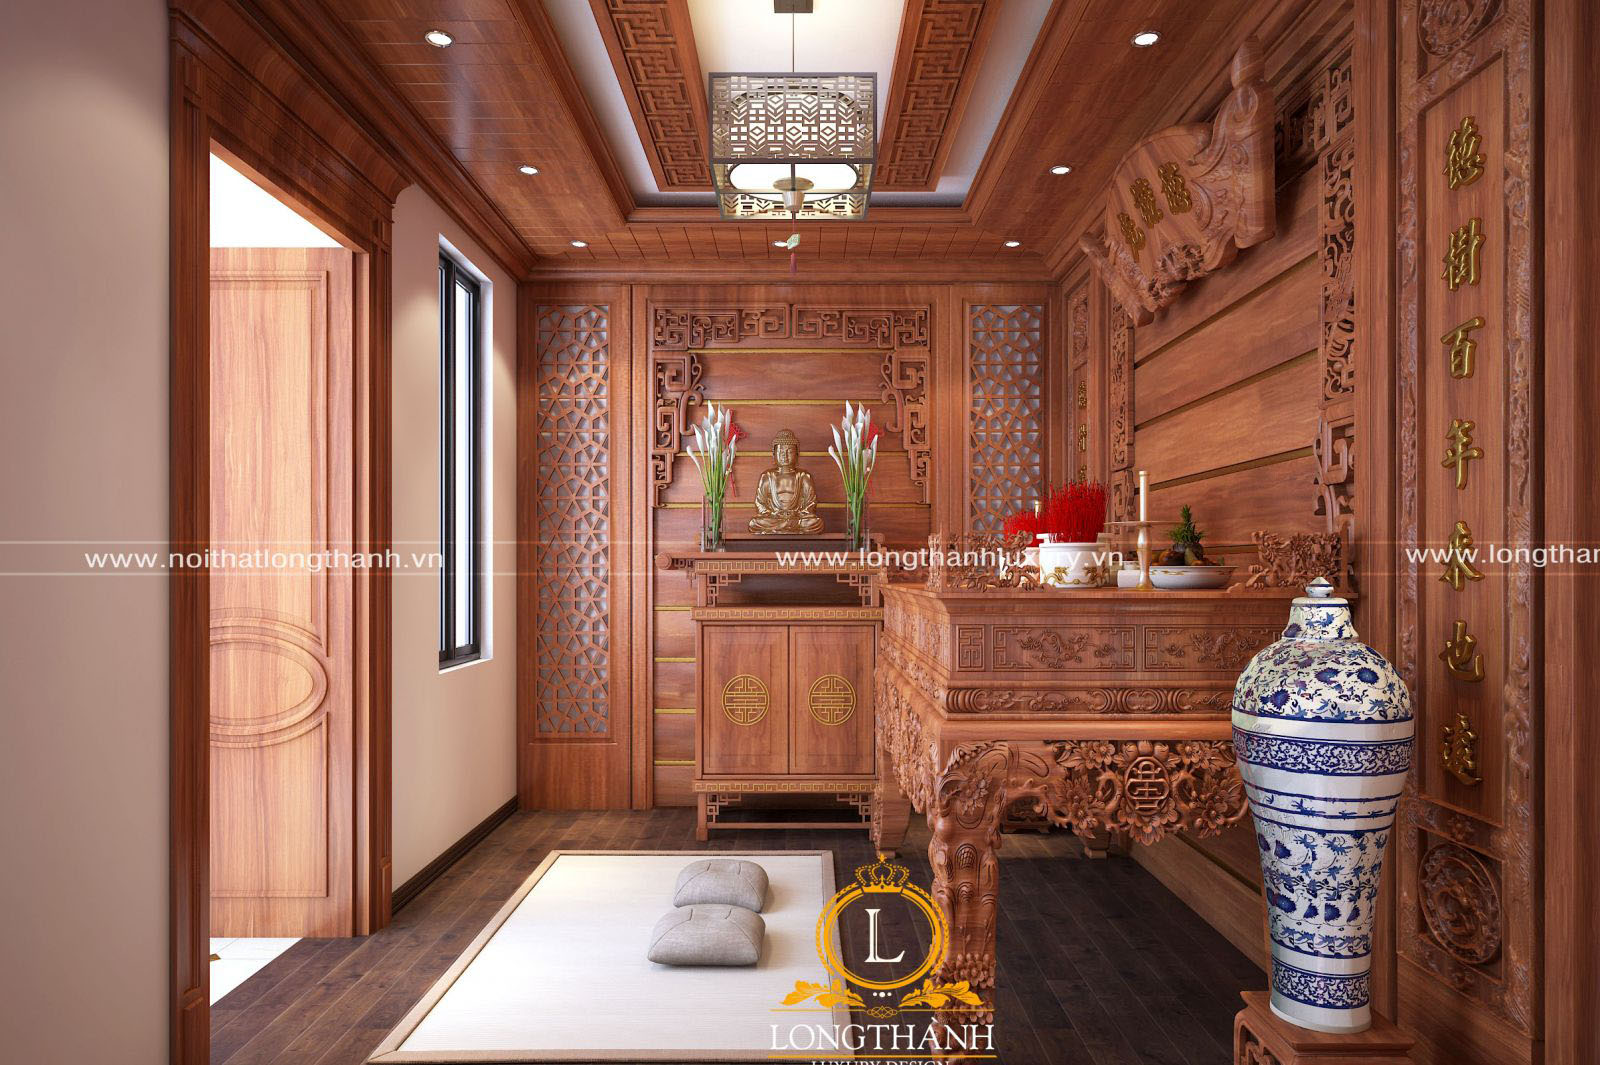 Thiết kế chi tiết trên từng món đồ nội thất cho phòng thờ gỗ tự nhiên đẹp